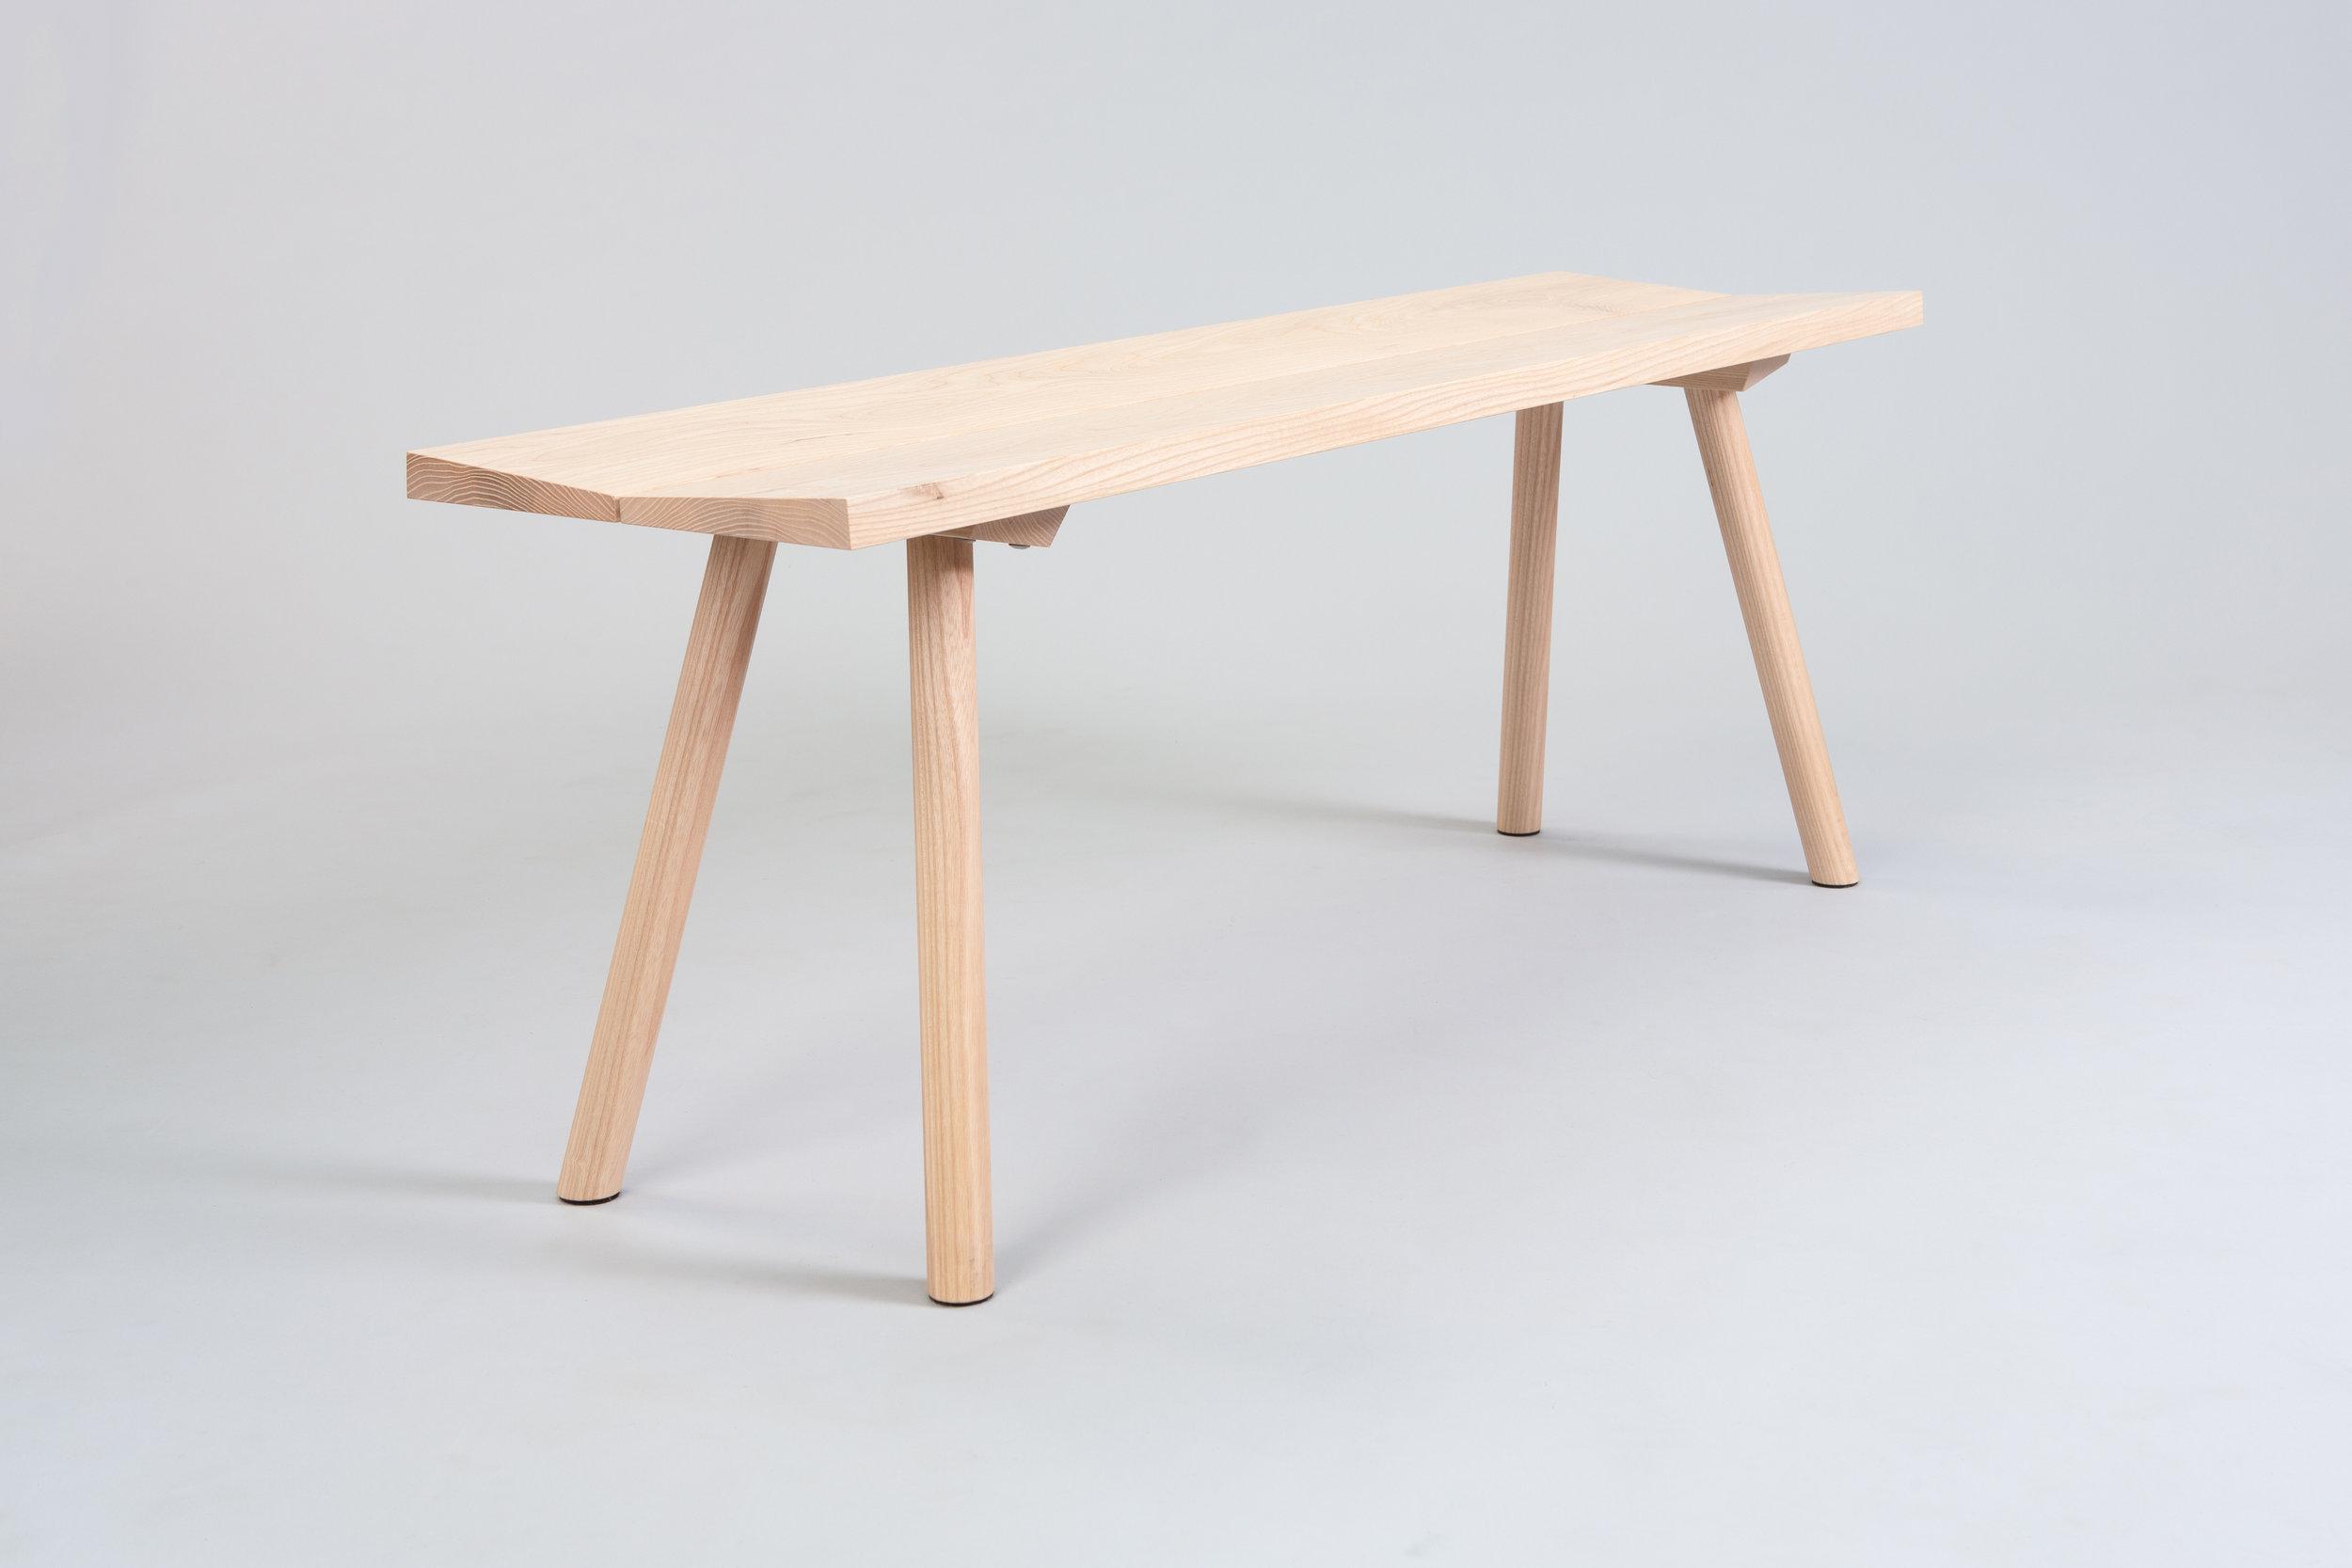 Cùram bench 4.jpg